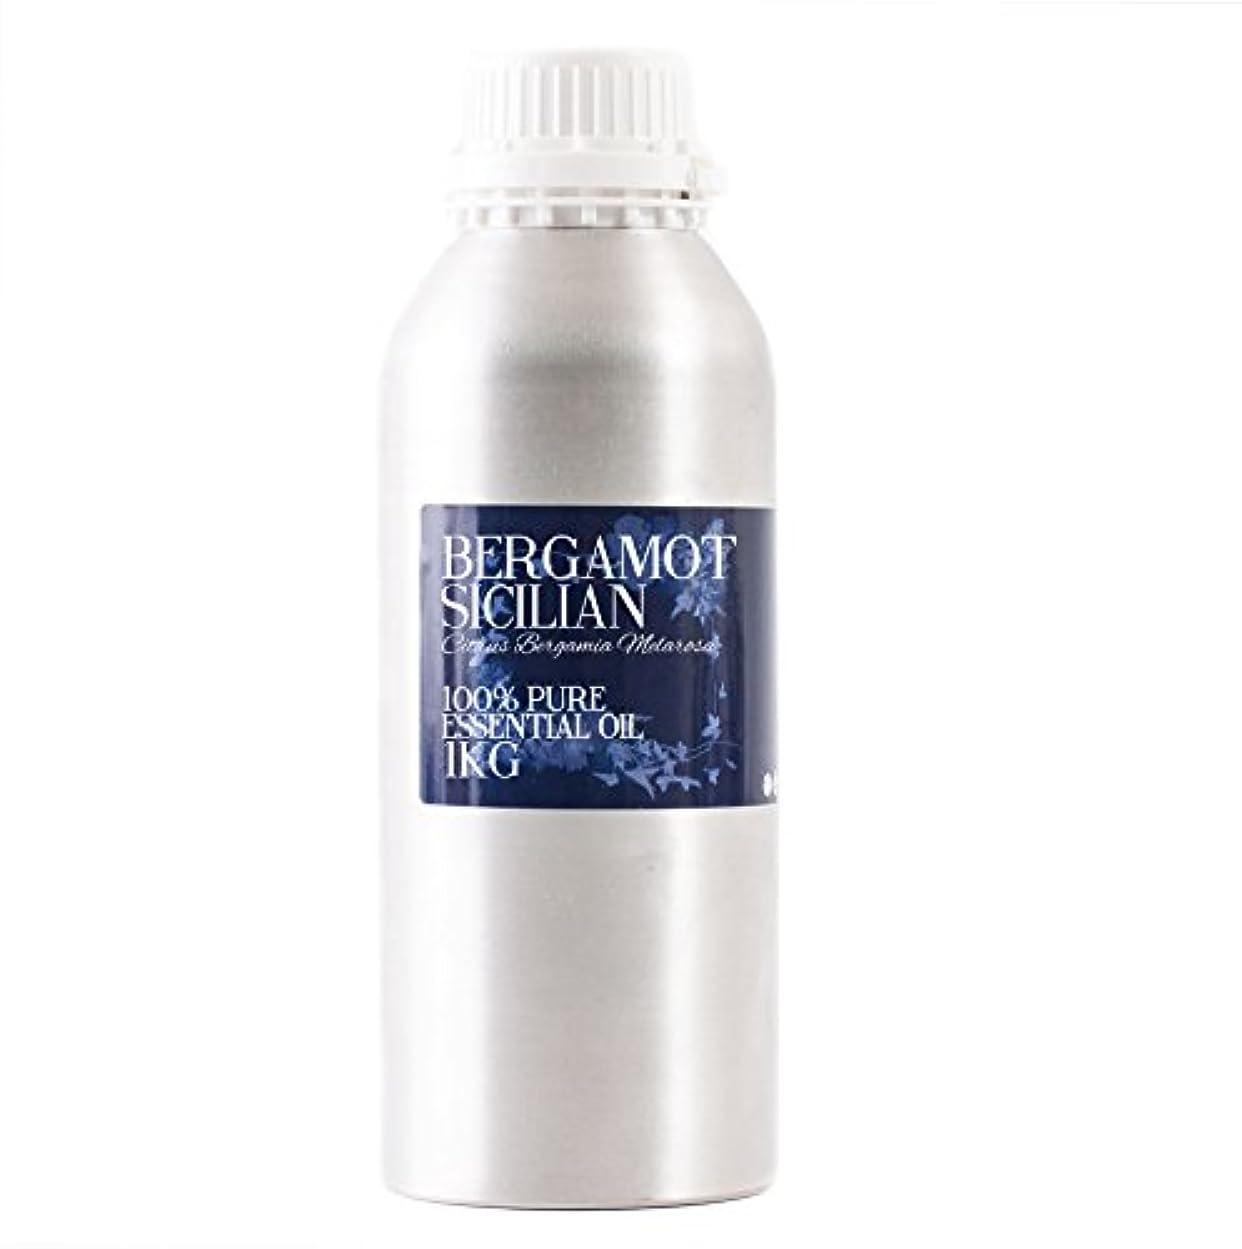 ペットチャペルあなたが良くなりますMystic Moments | Bergamot Sicilian Essential Oil - 1Kg - 100% Pure